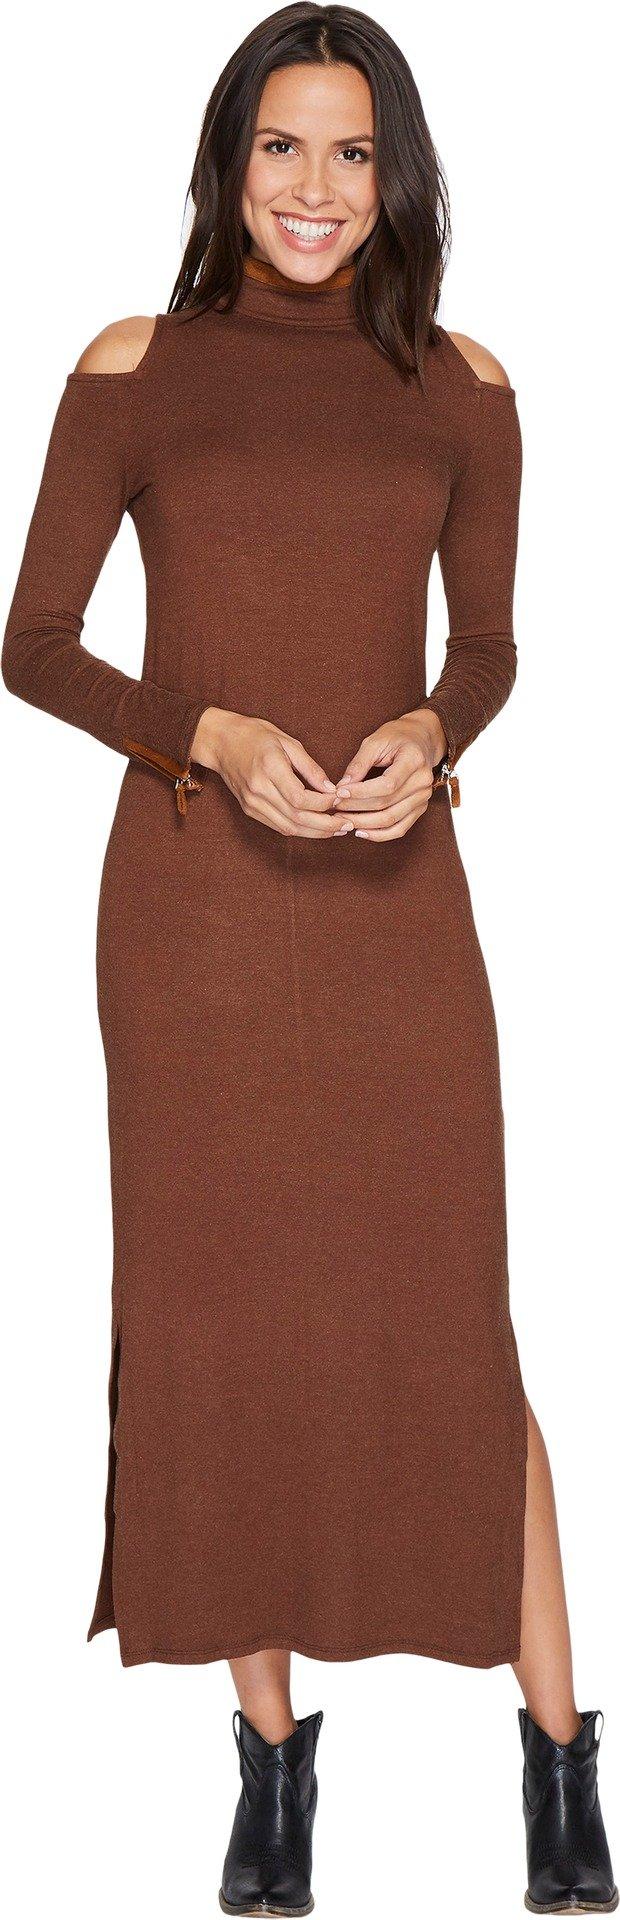 Tasha Polizzi Women's Statement Dress Lt Brown Large by Tasha Polizzi